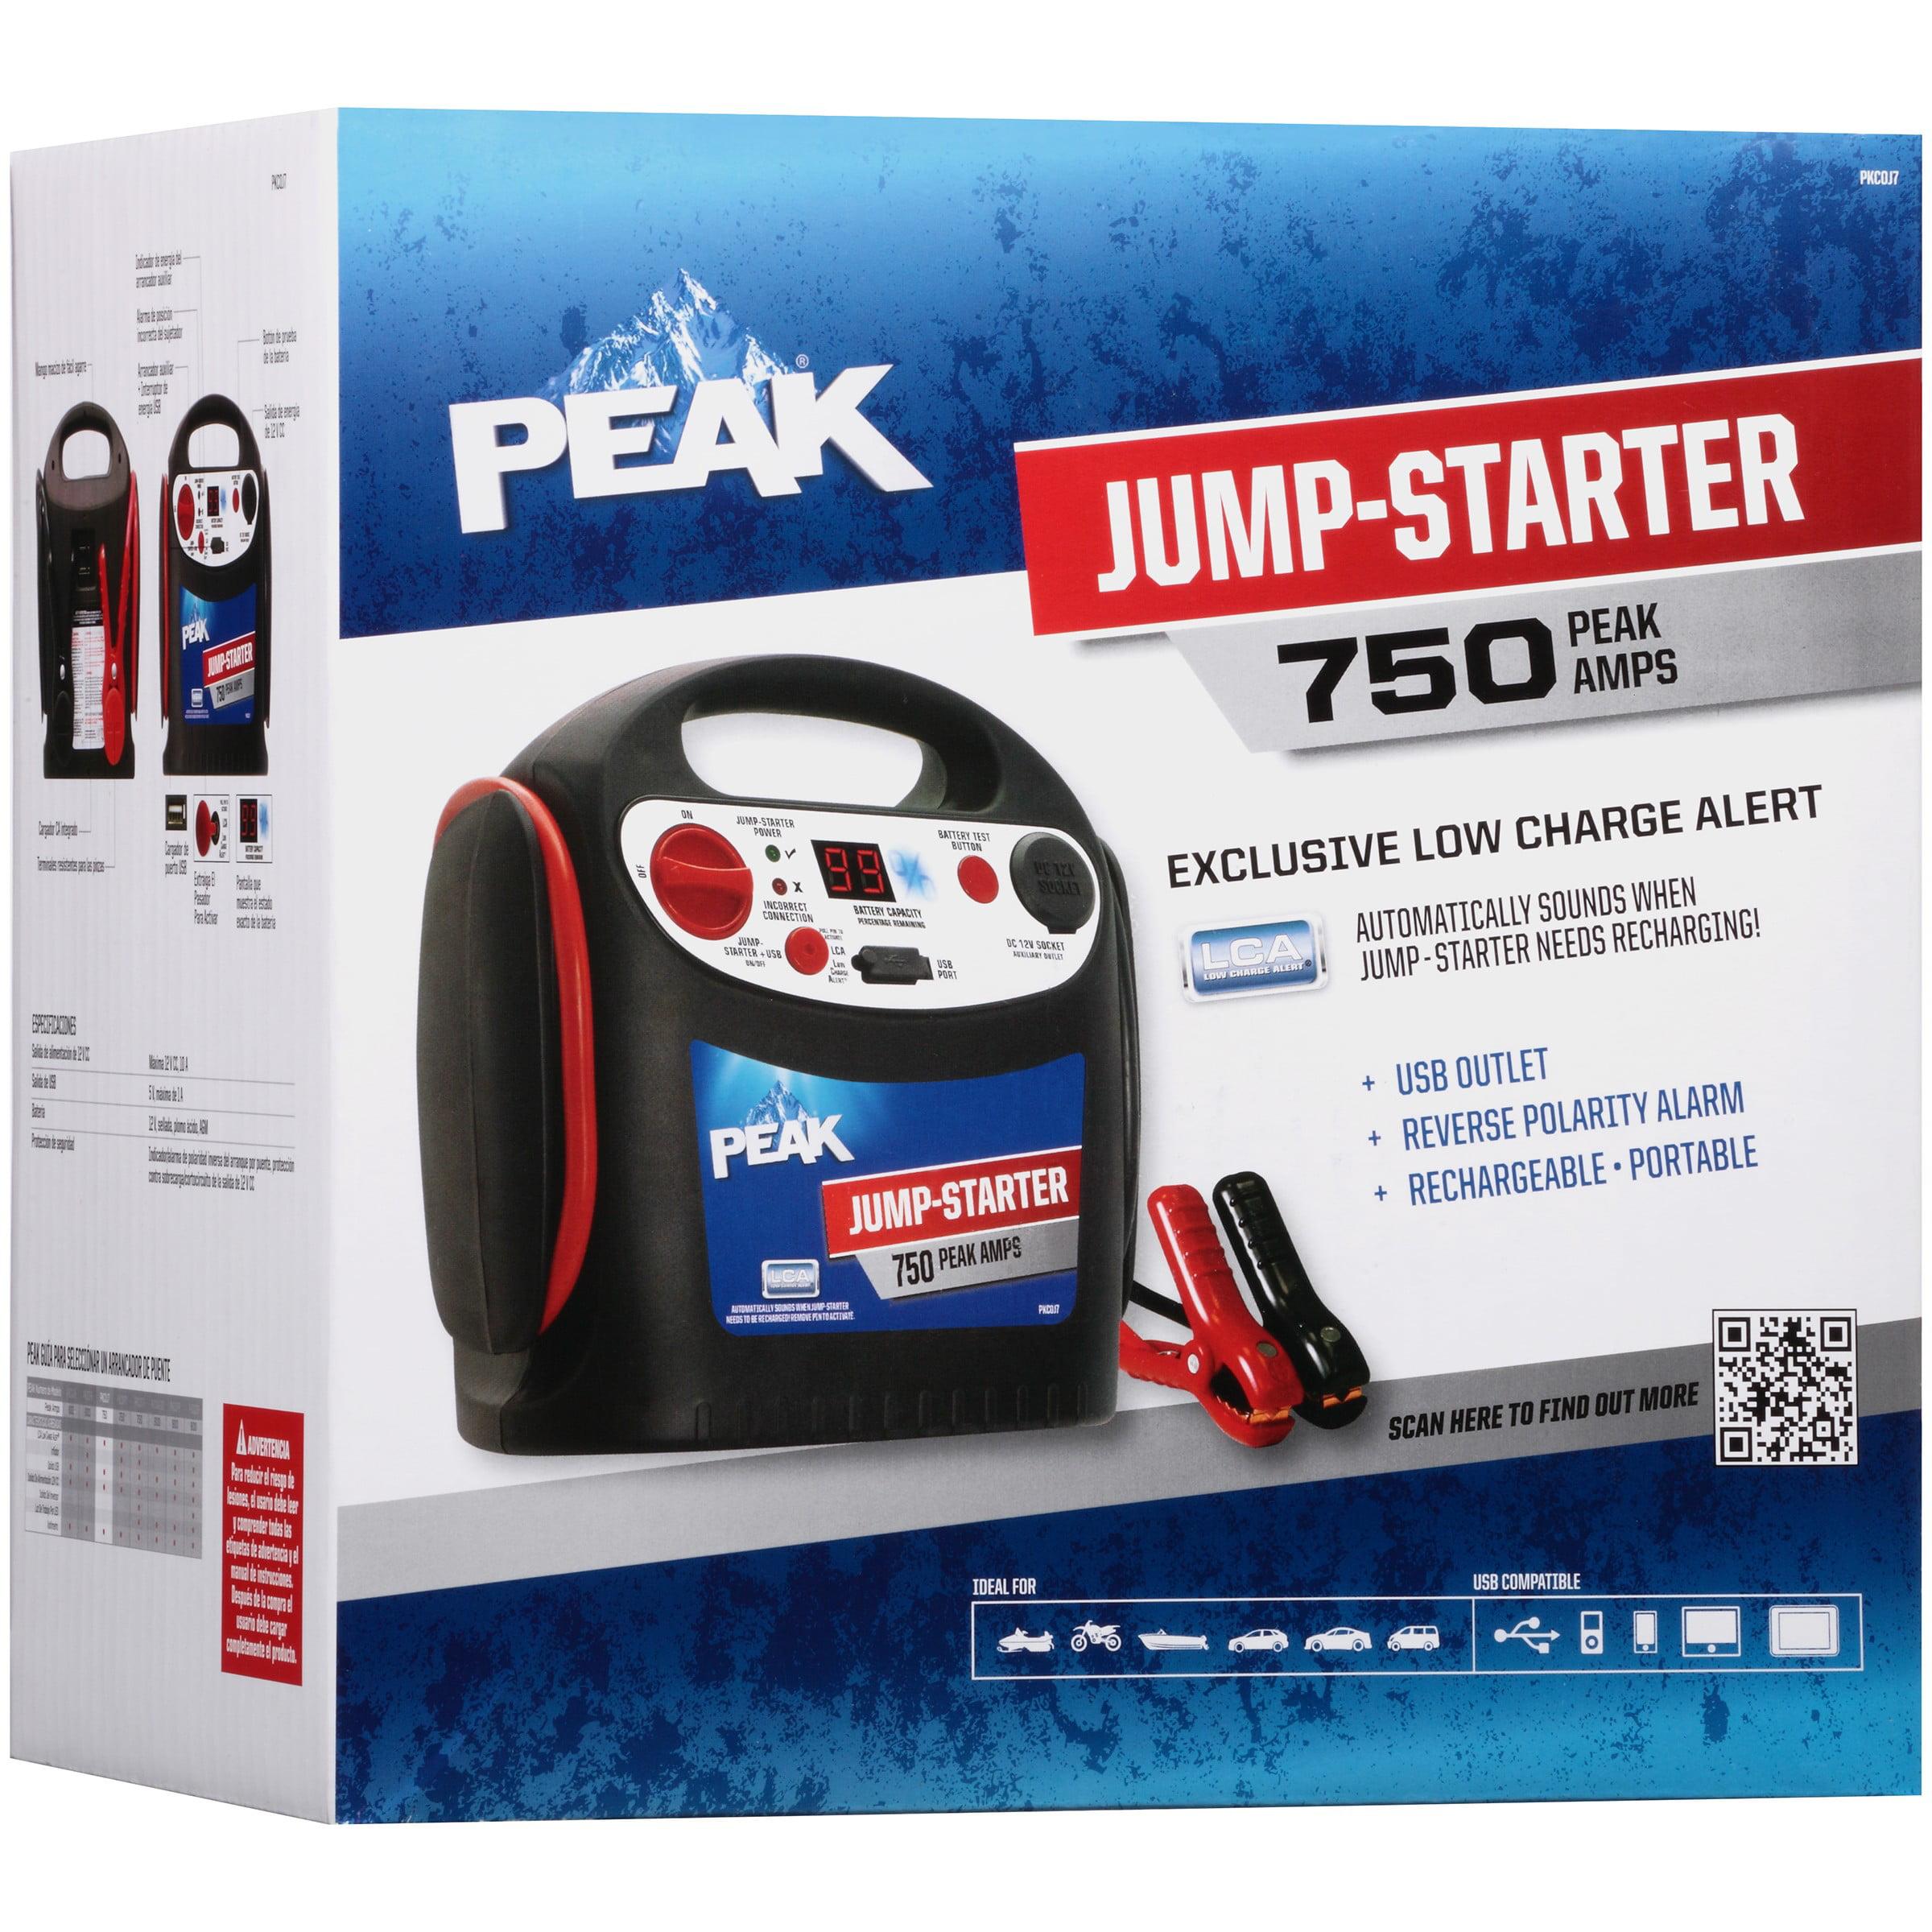 Peak® 750 Peak Amps Jump-Starter